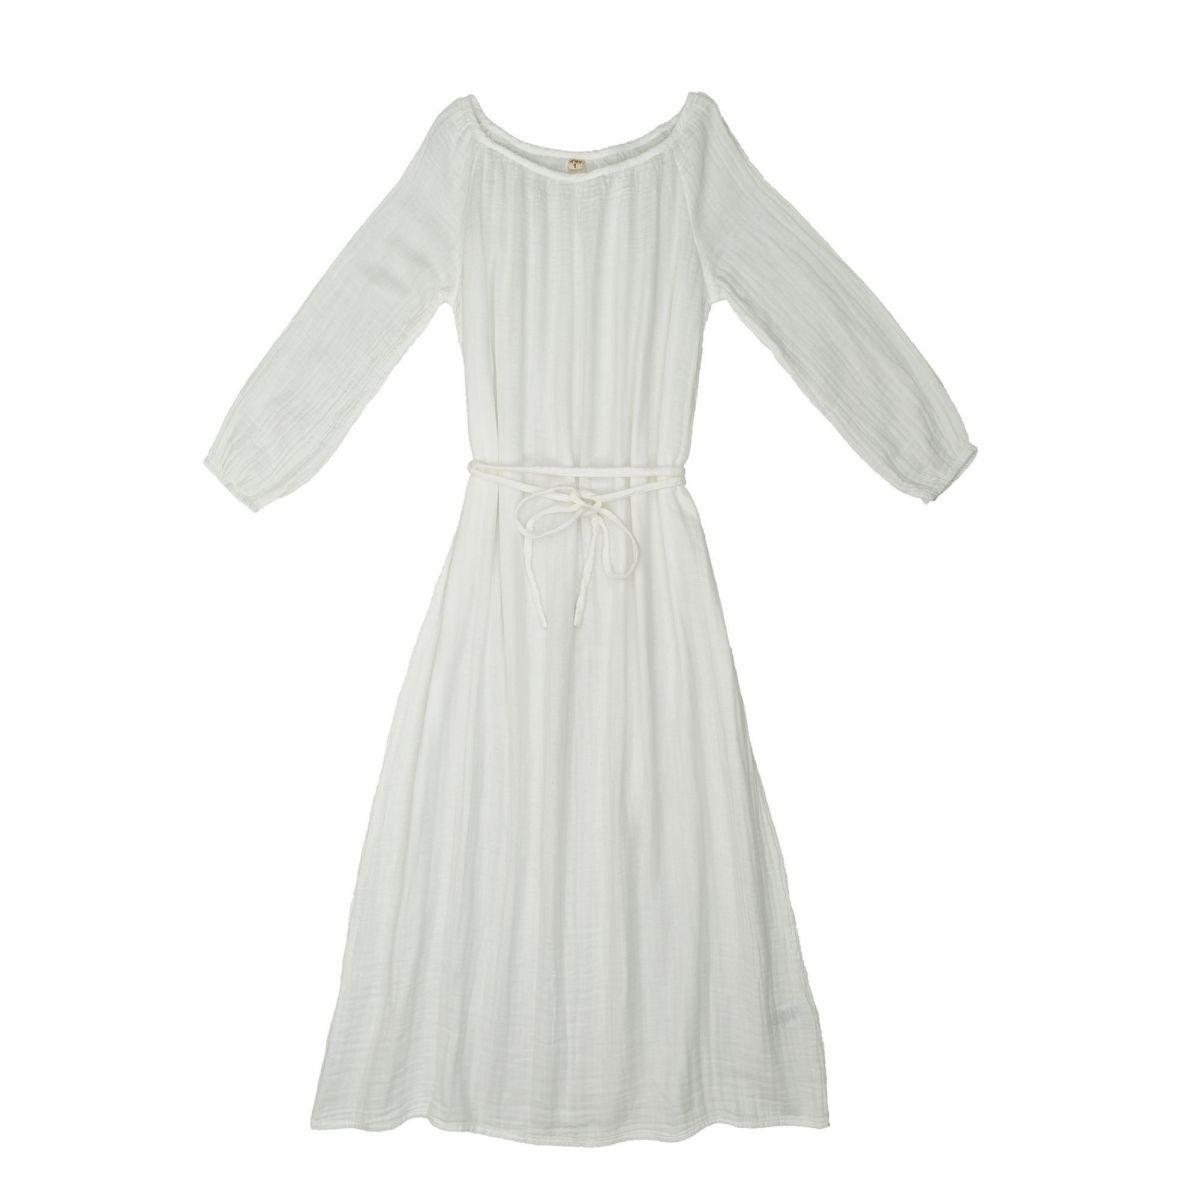 Sukienka dla mamy Nina długa biała - Numero 74